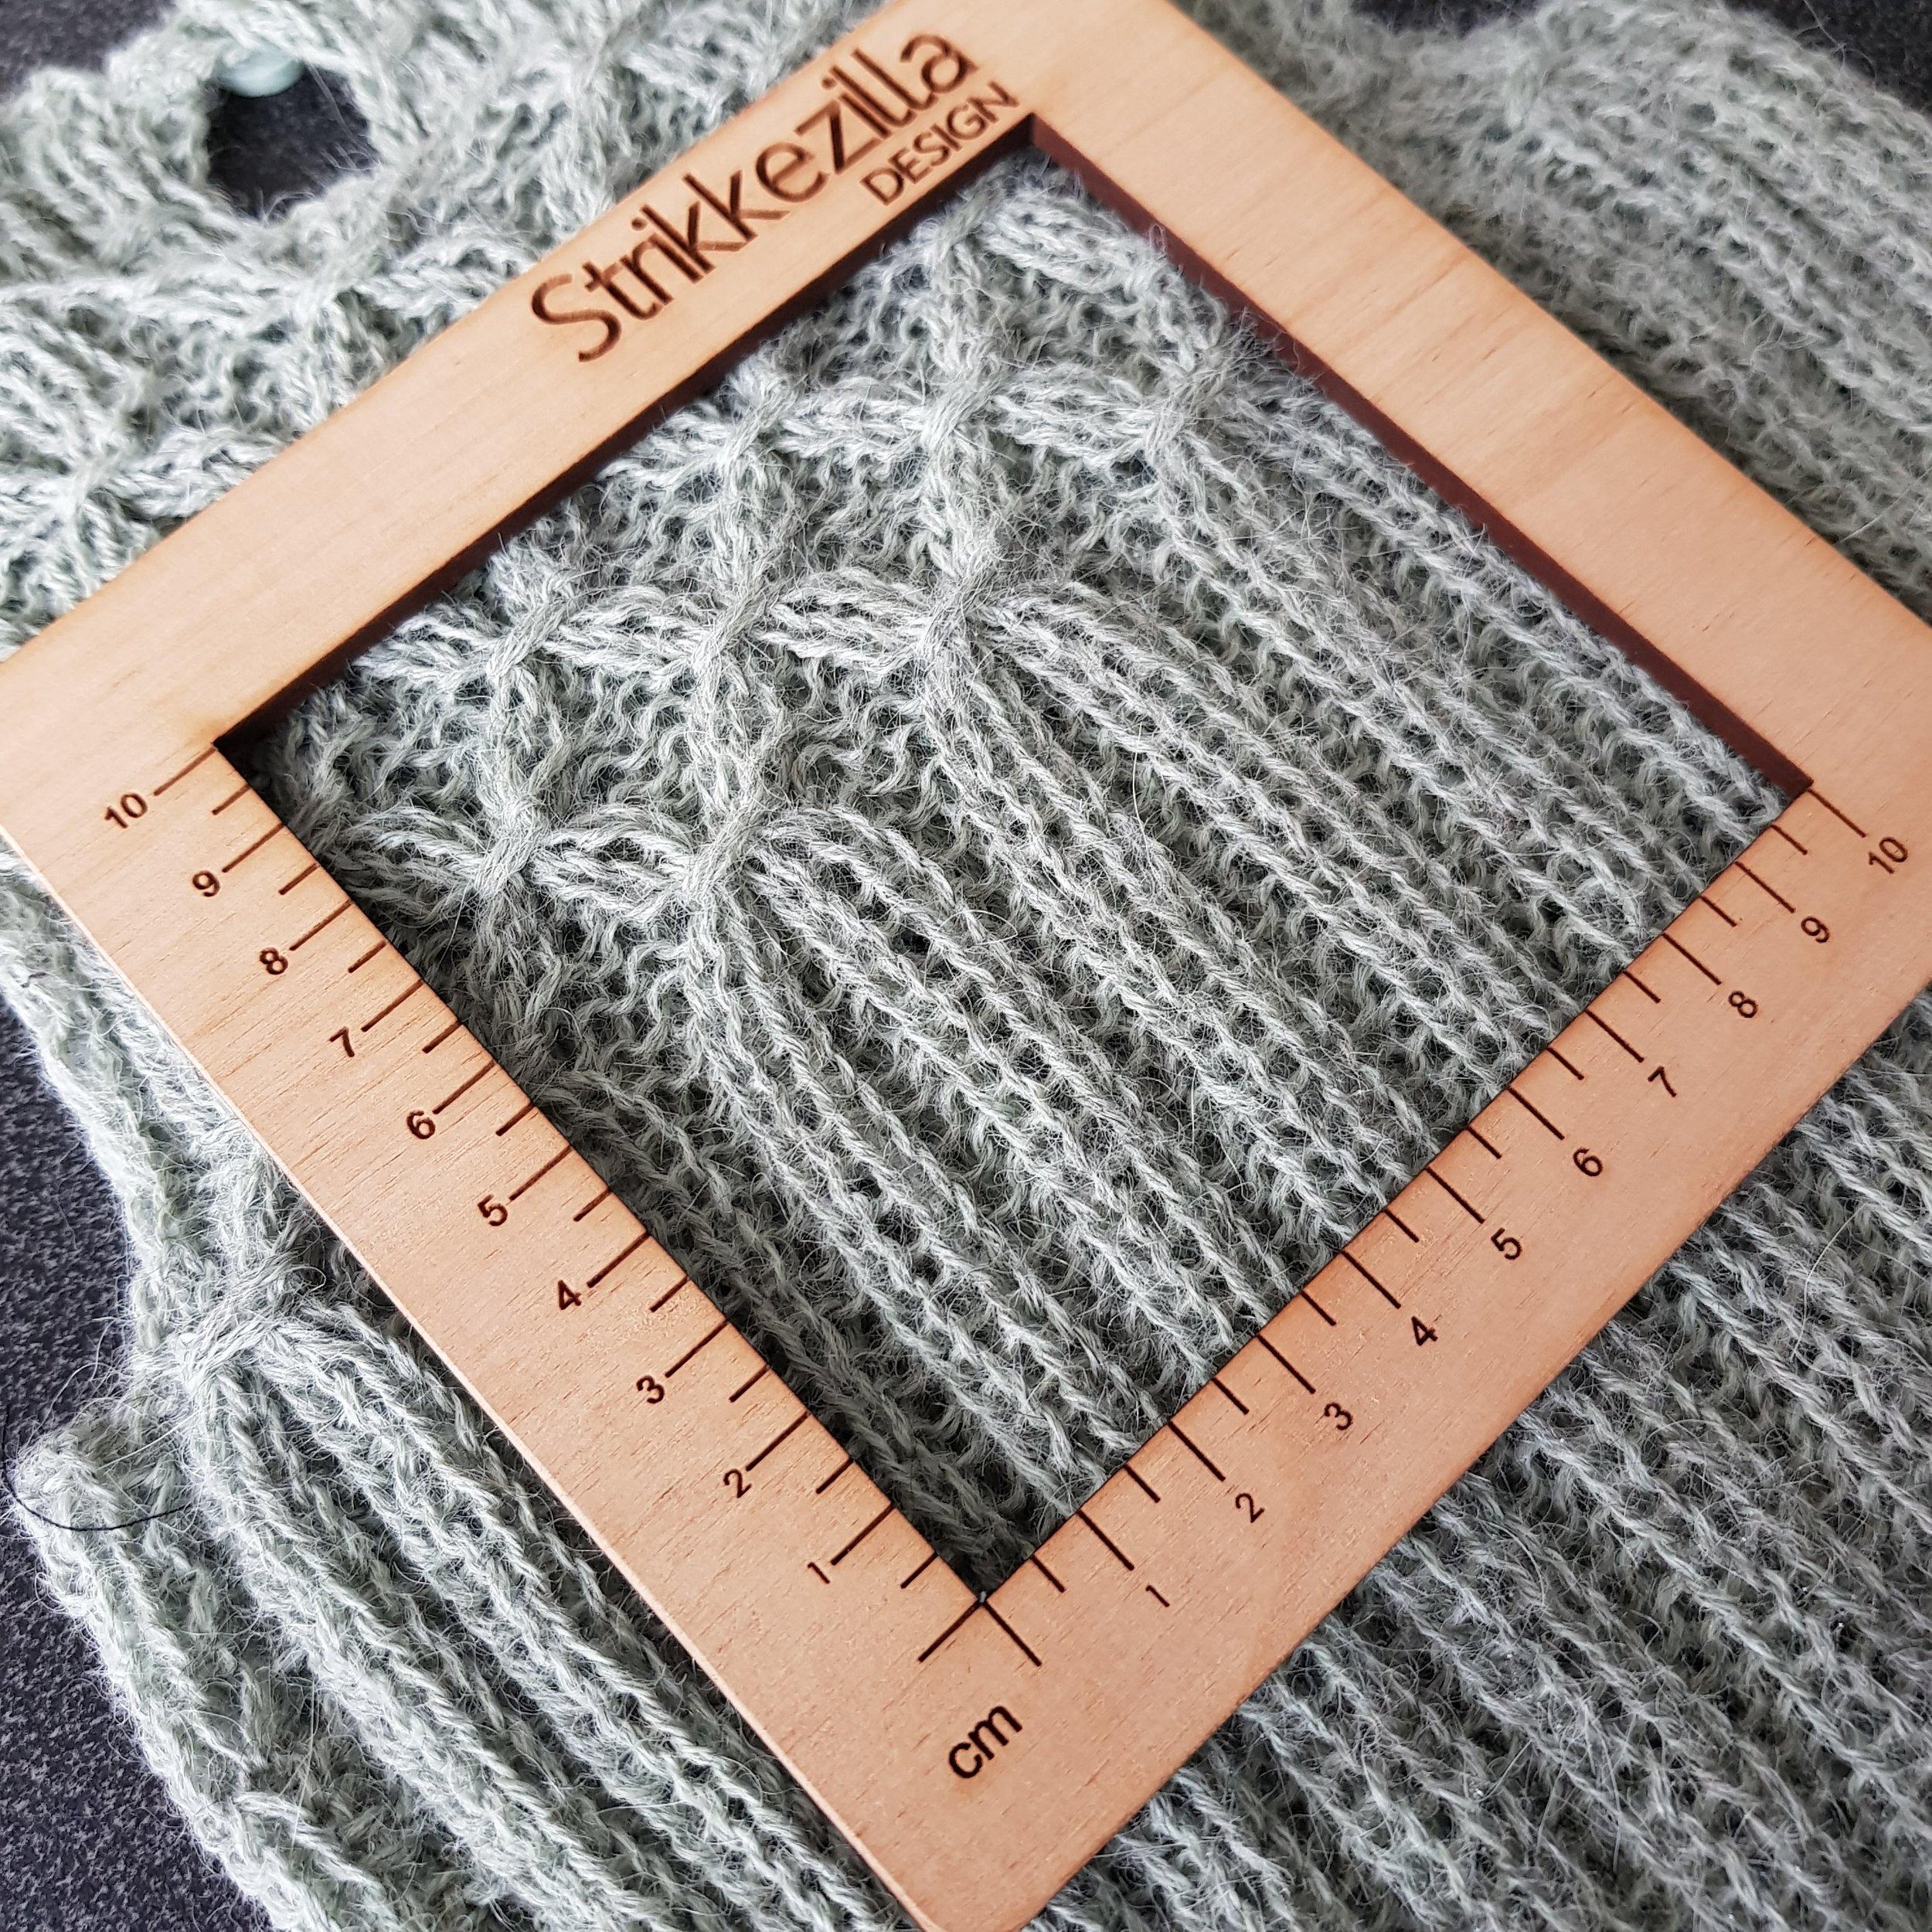 Dobbel Isager alpakka 1 p 4 - 24 m/10 cm i lett strakt ribbestrikk.